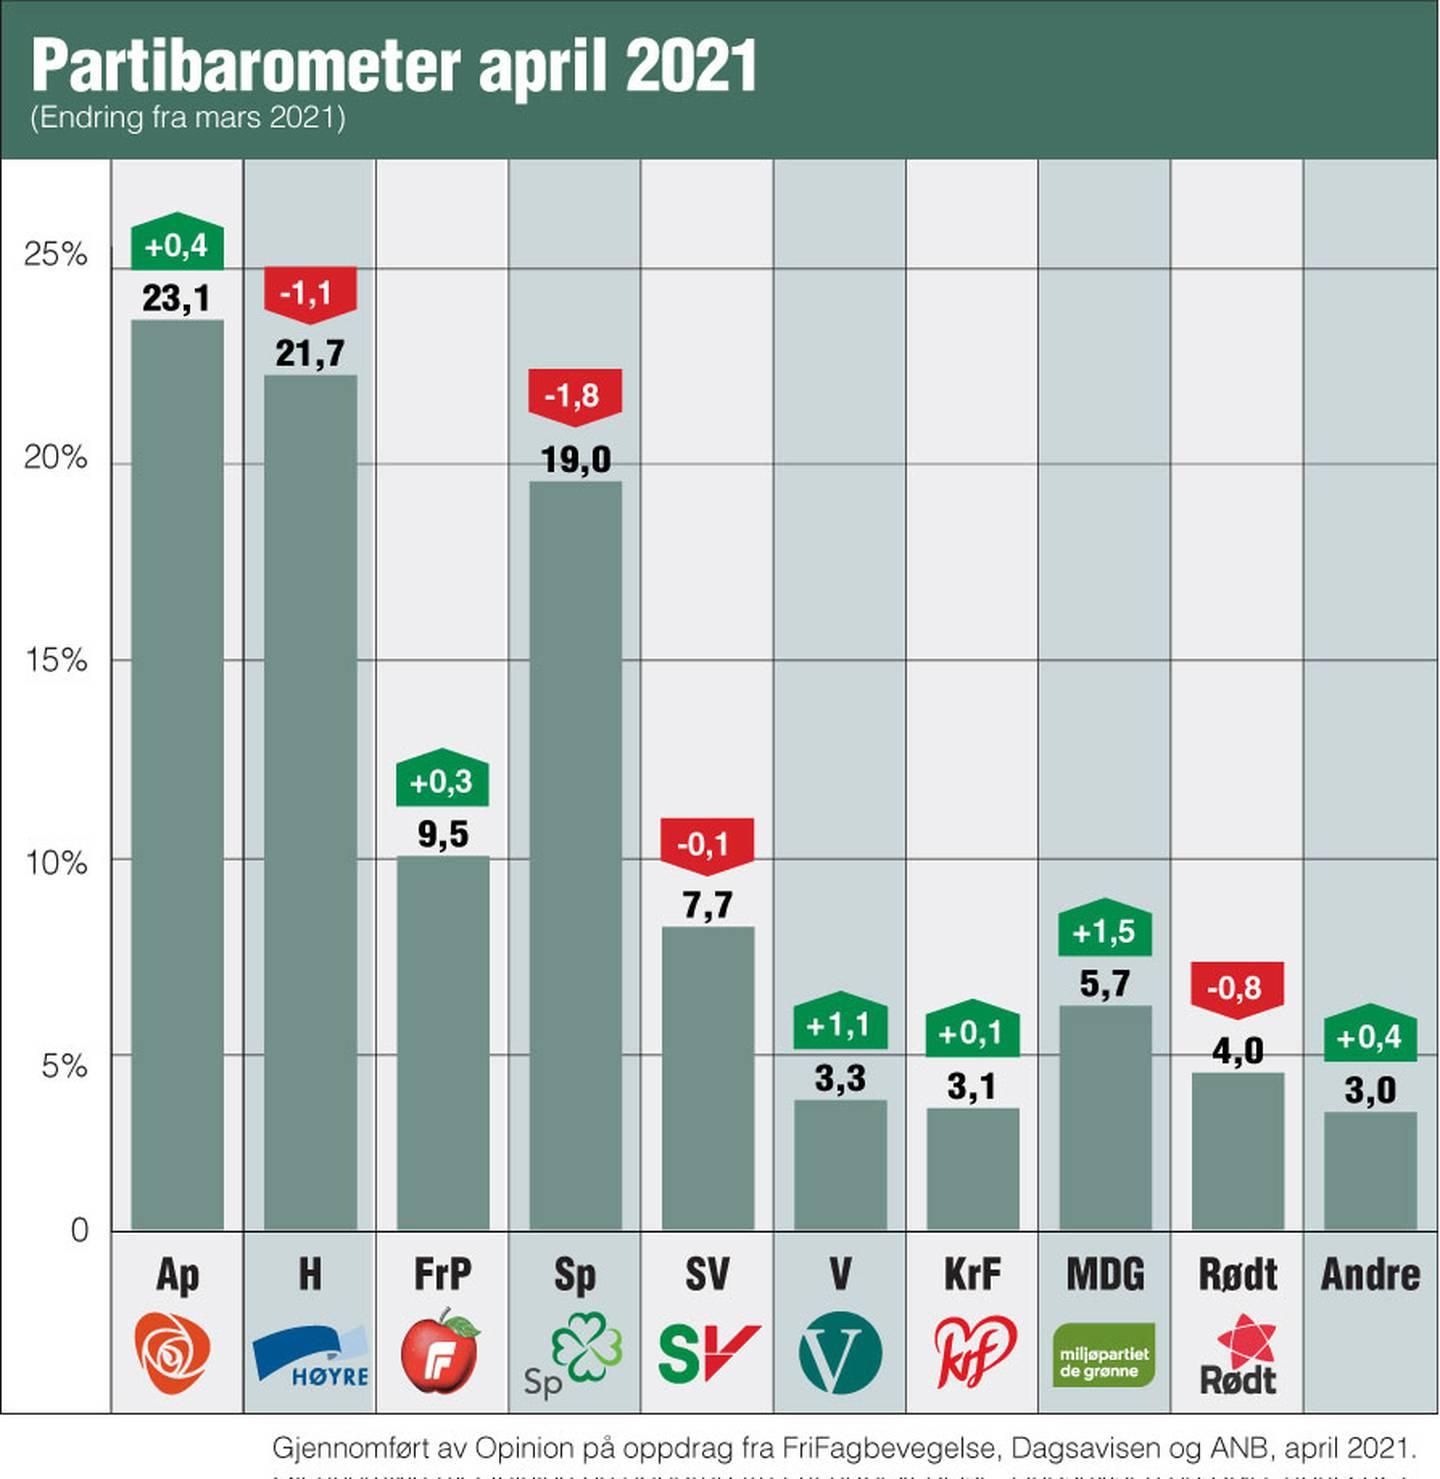 Partibarometer april 2021.